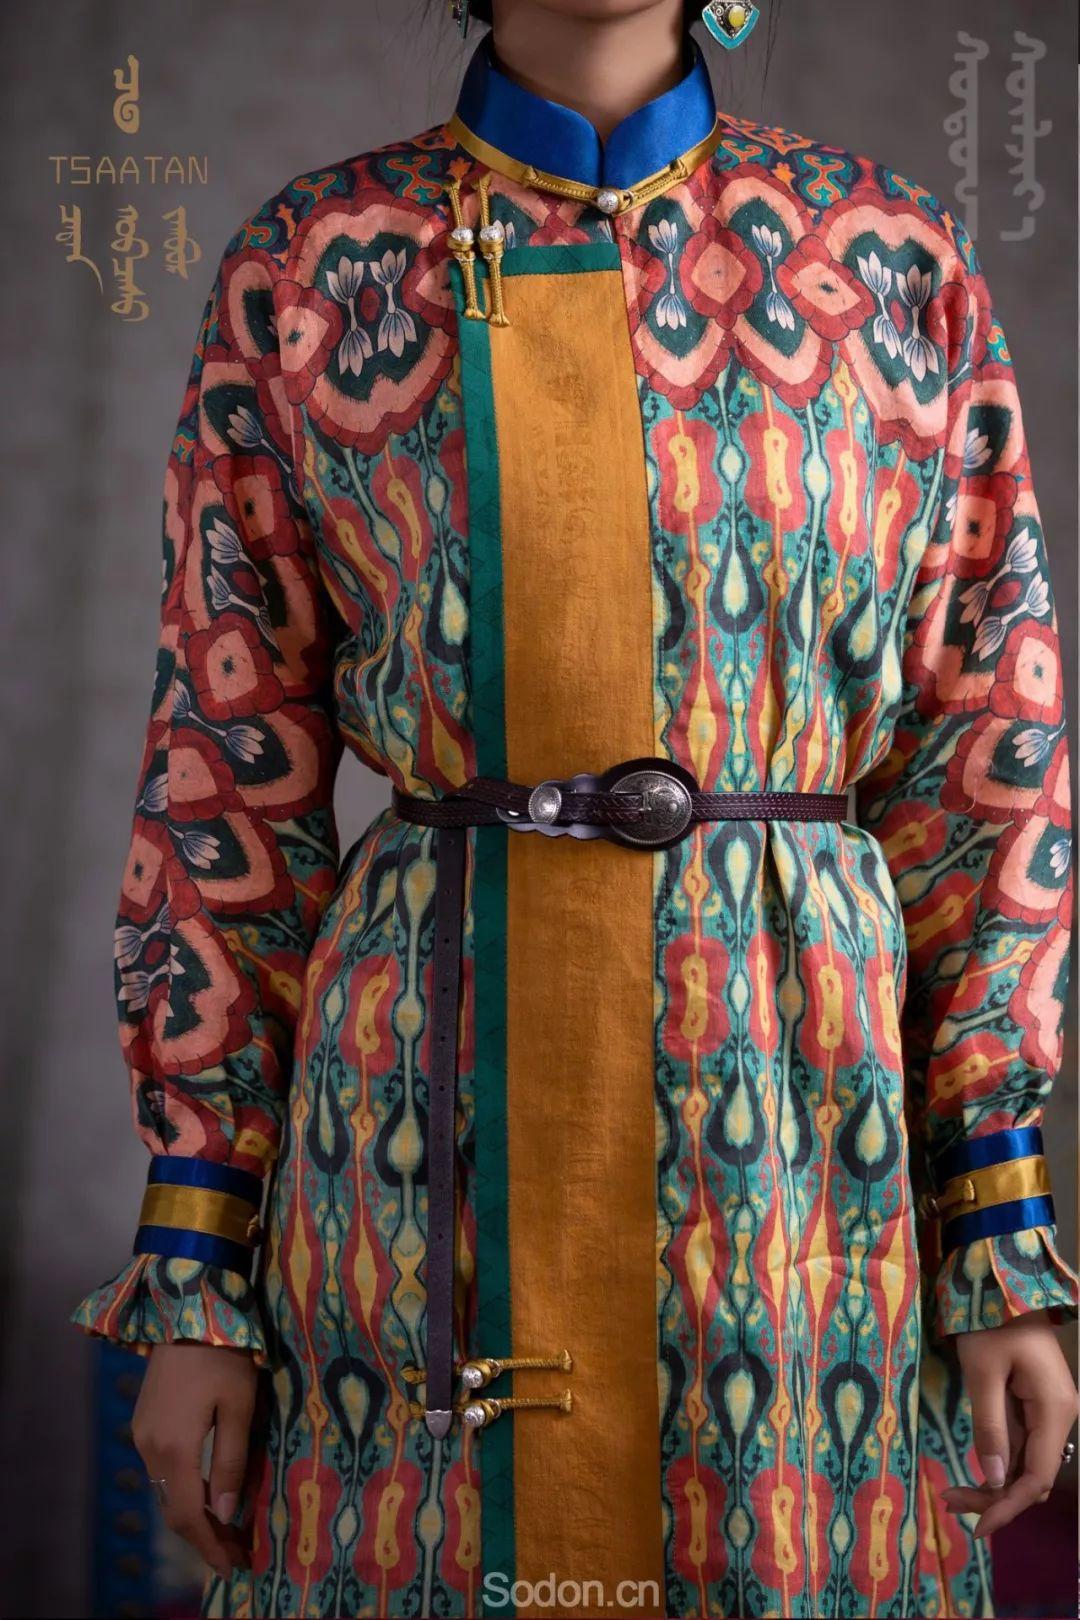 TSAATAN蒙古时装 2019新款,来自驯鹿人的独特魅力! 第72张 TSAATAN蒙古时装 2019新款,来自驯鹿人的独特魅力! 蒙古服饰